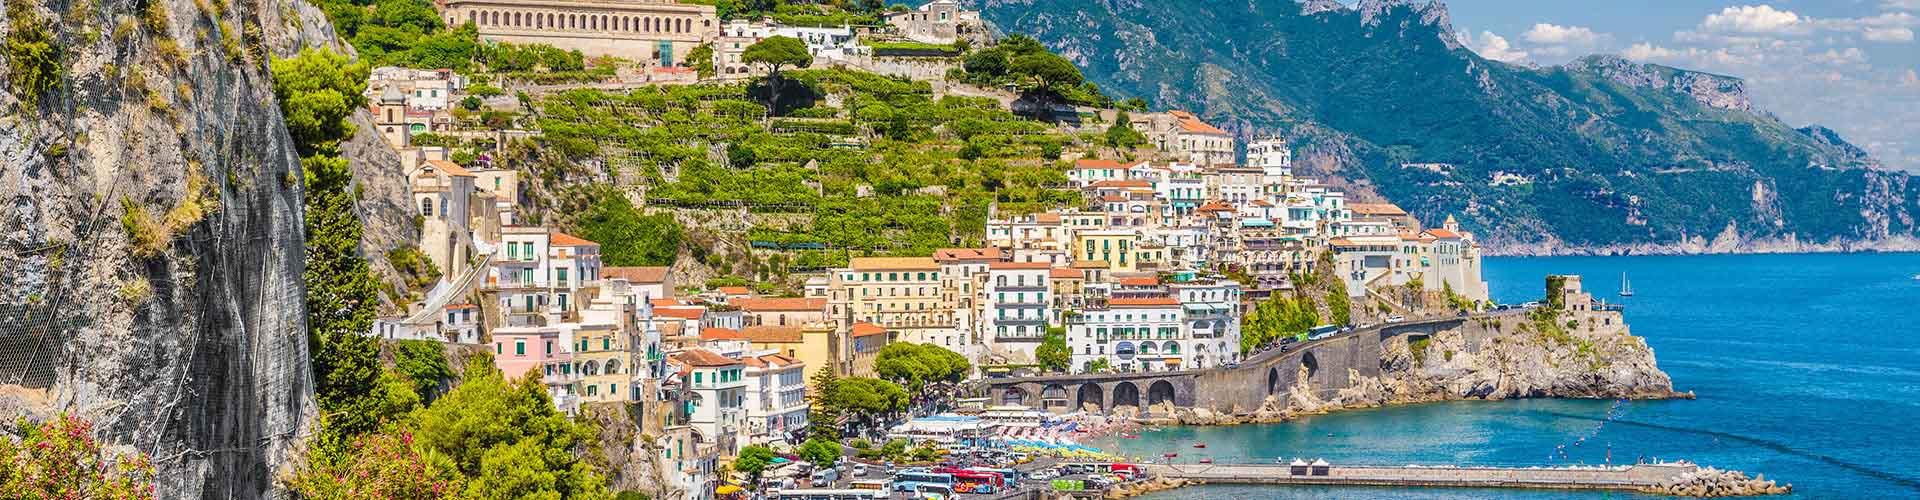 Amalfi – Hostellit kohteessa Amalfi. Amalfi -karttoja, valokuvia ja arvosteluja kaikista Amalfi -hostelleista.